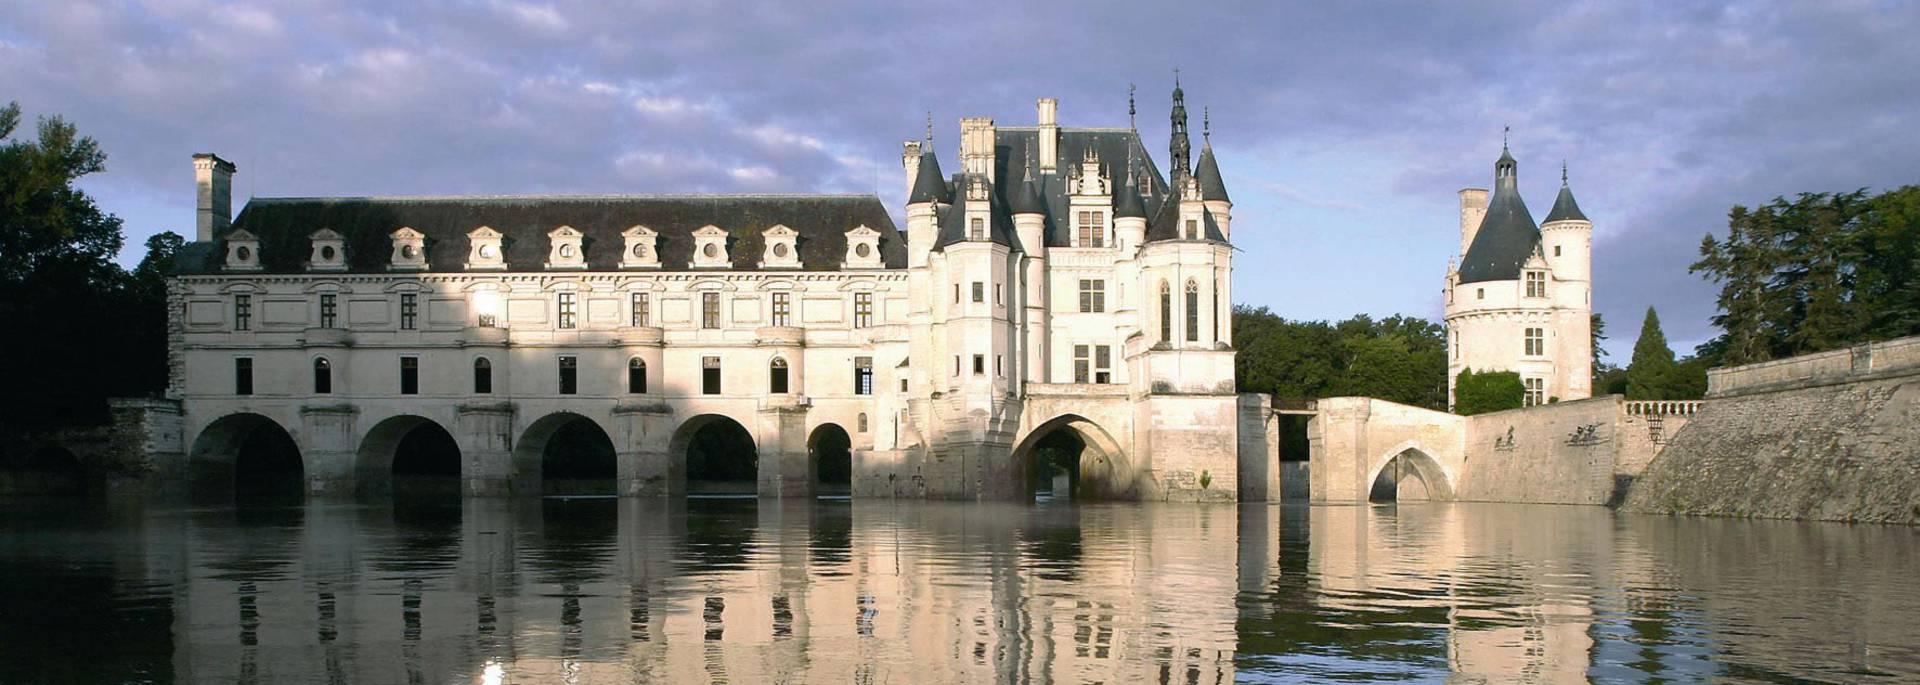 Il castello di Chenonceau sul fiume Cher